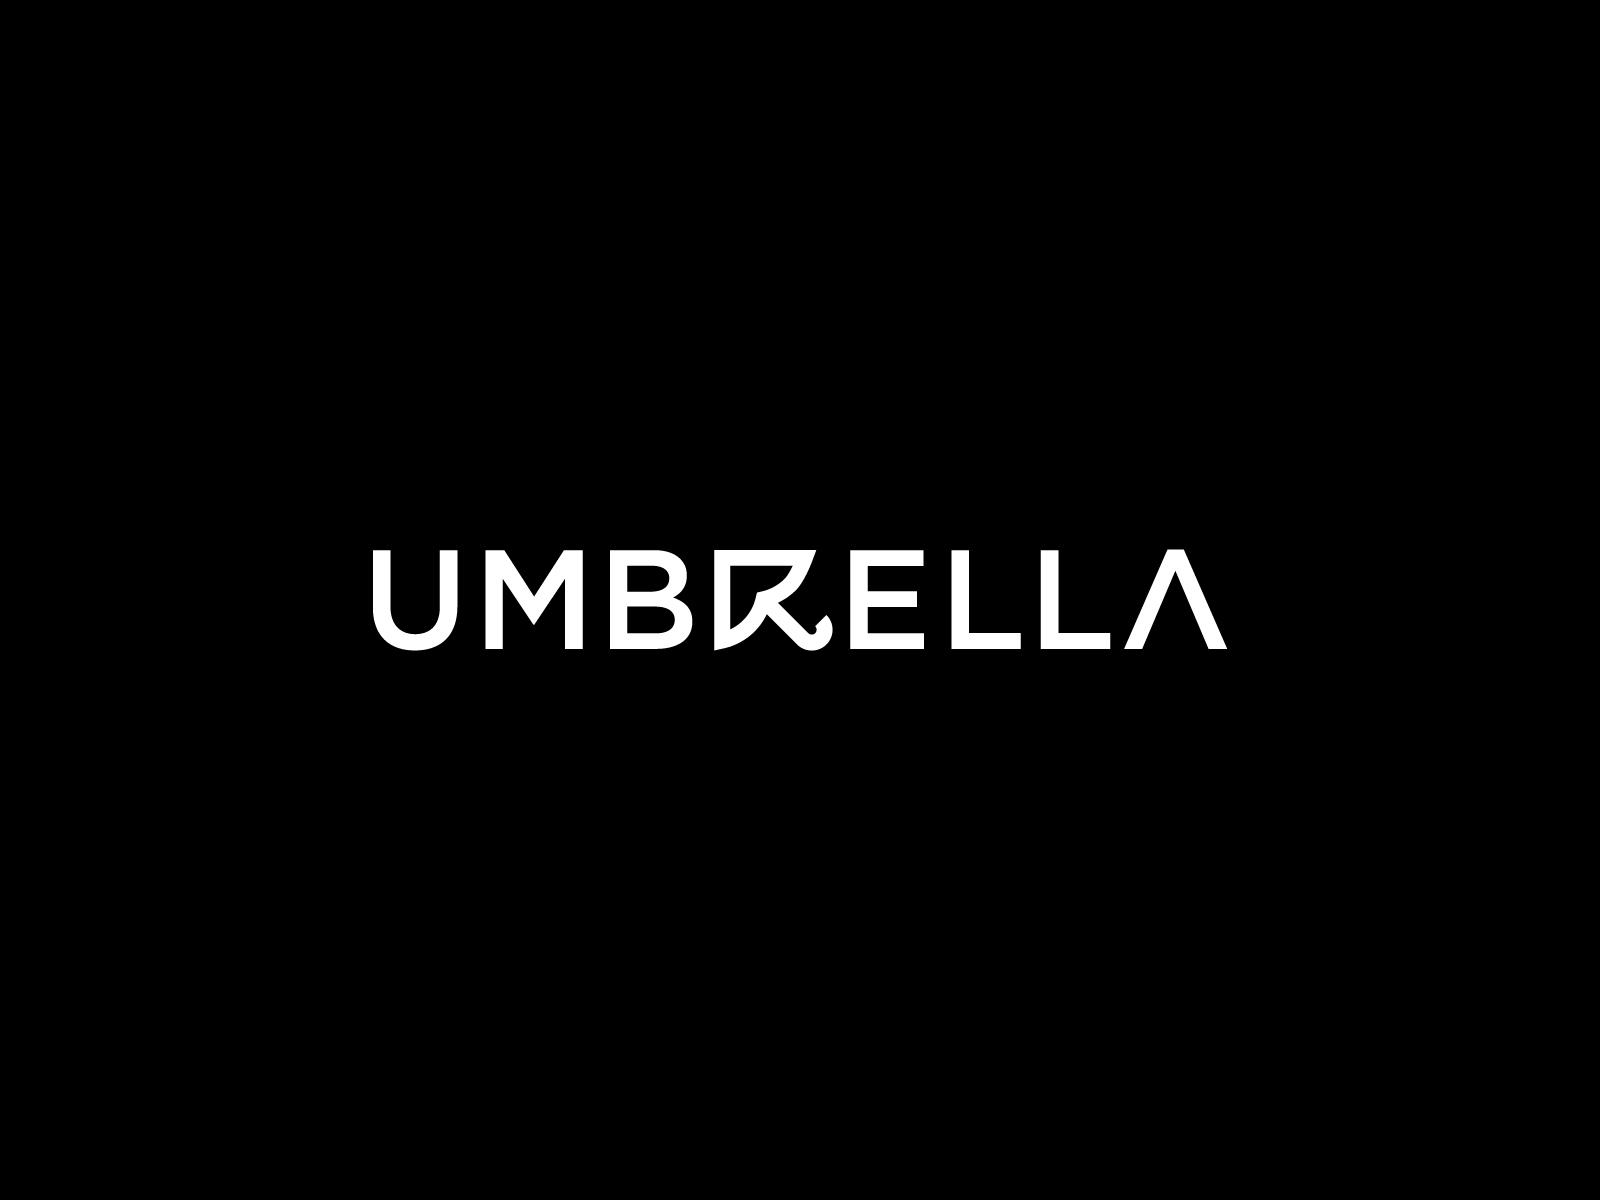 Umbrella db